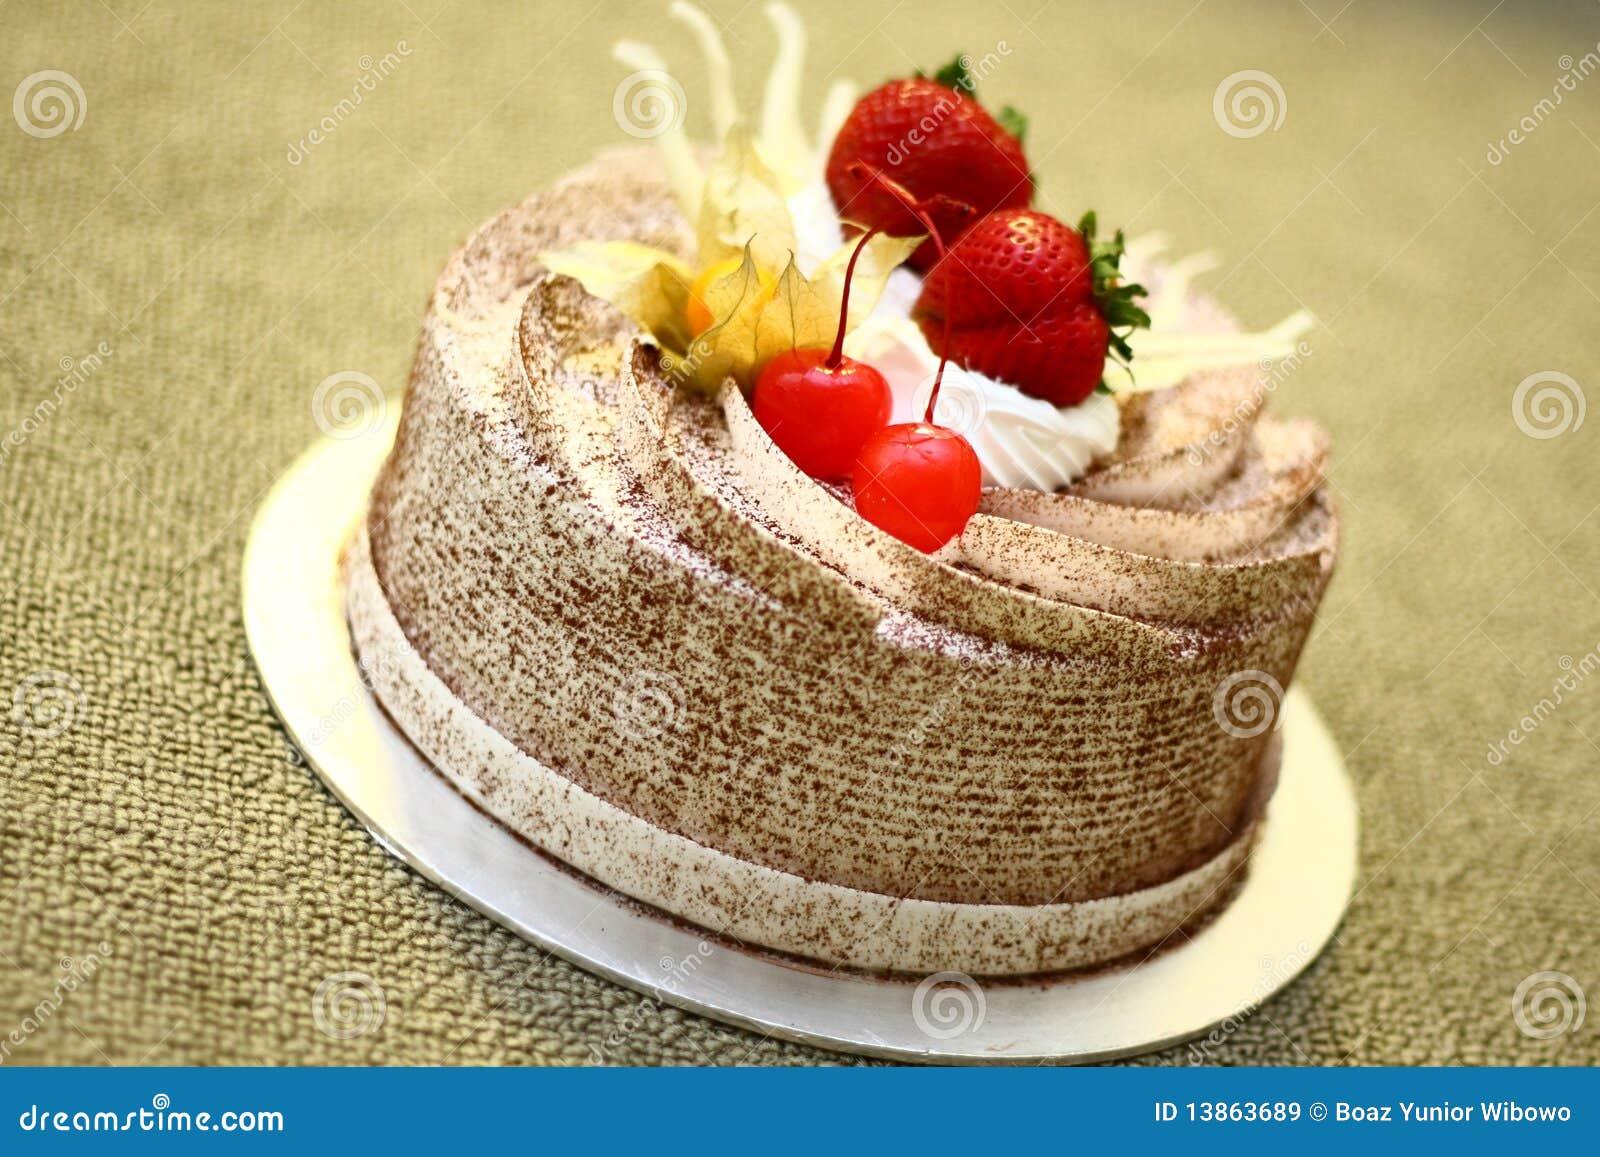 Gâteau de chocolat crémeux